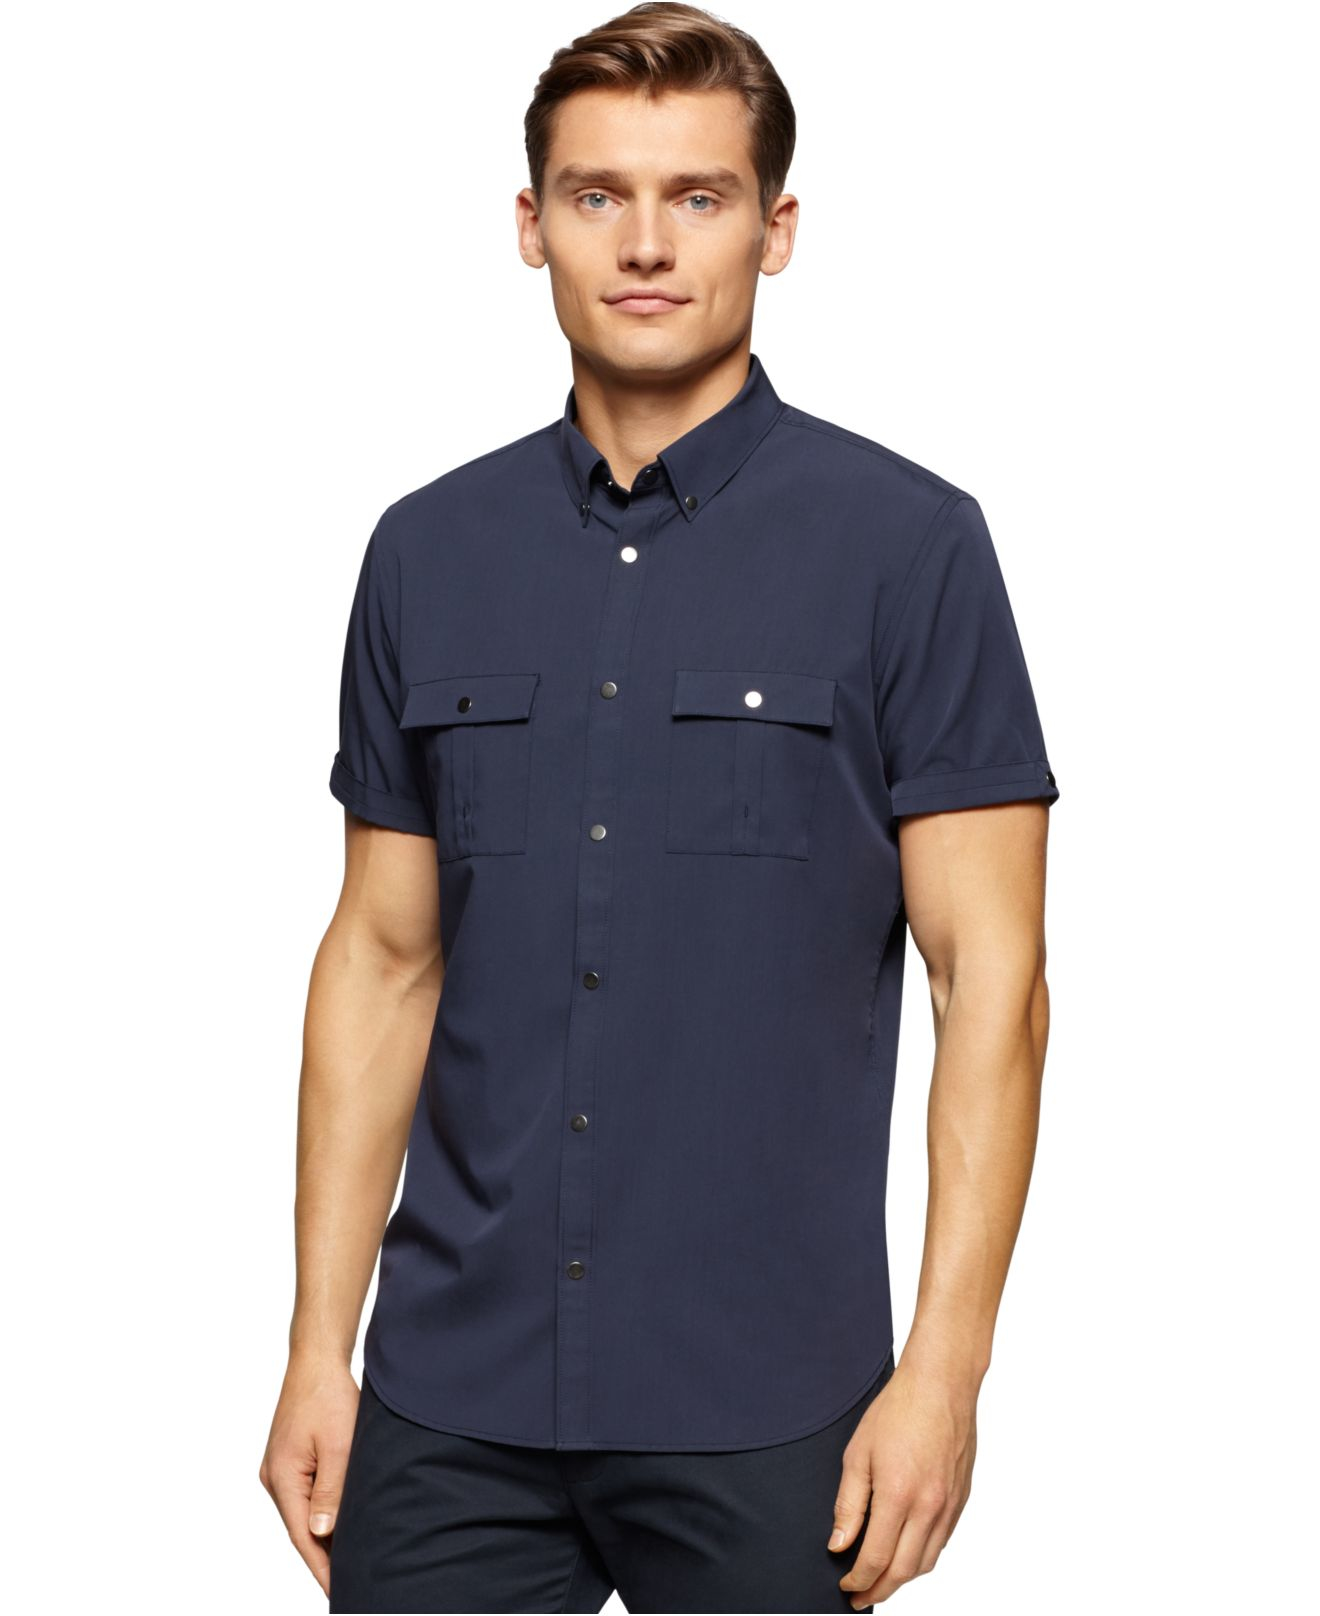 Calvin klein men 39 s two pocket short sleeve shirt in blue for Mens two pocket short sleeve shirts